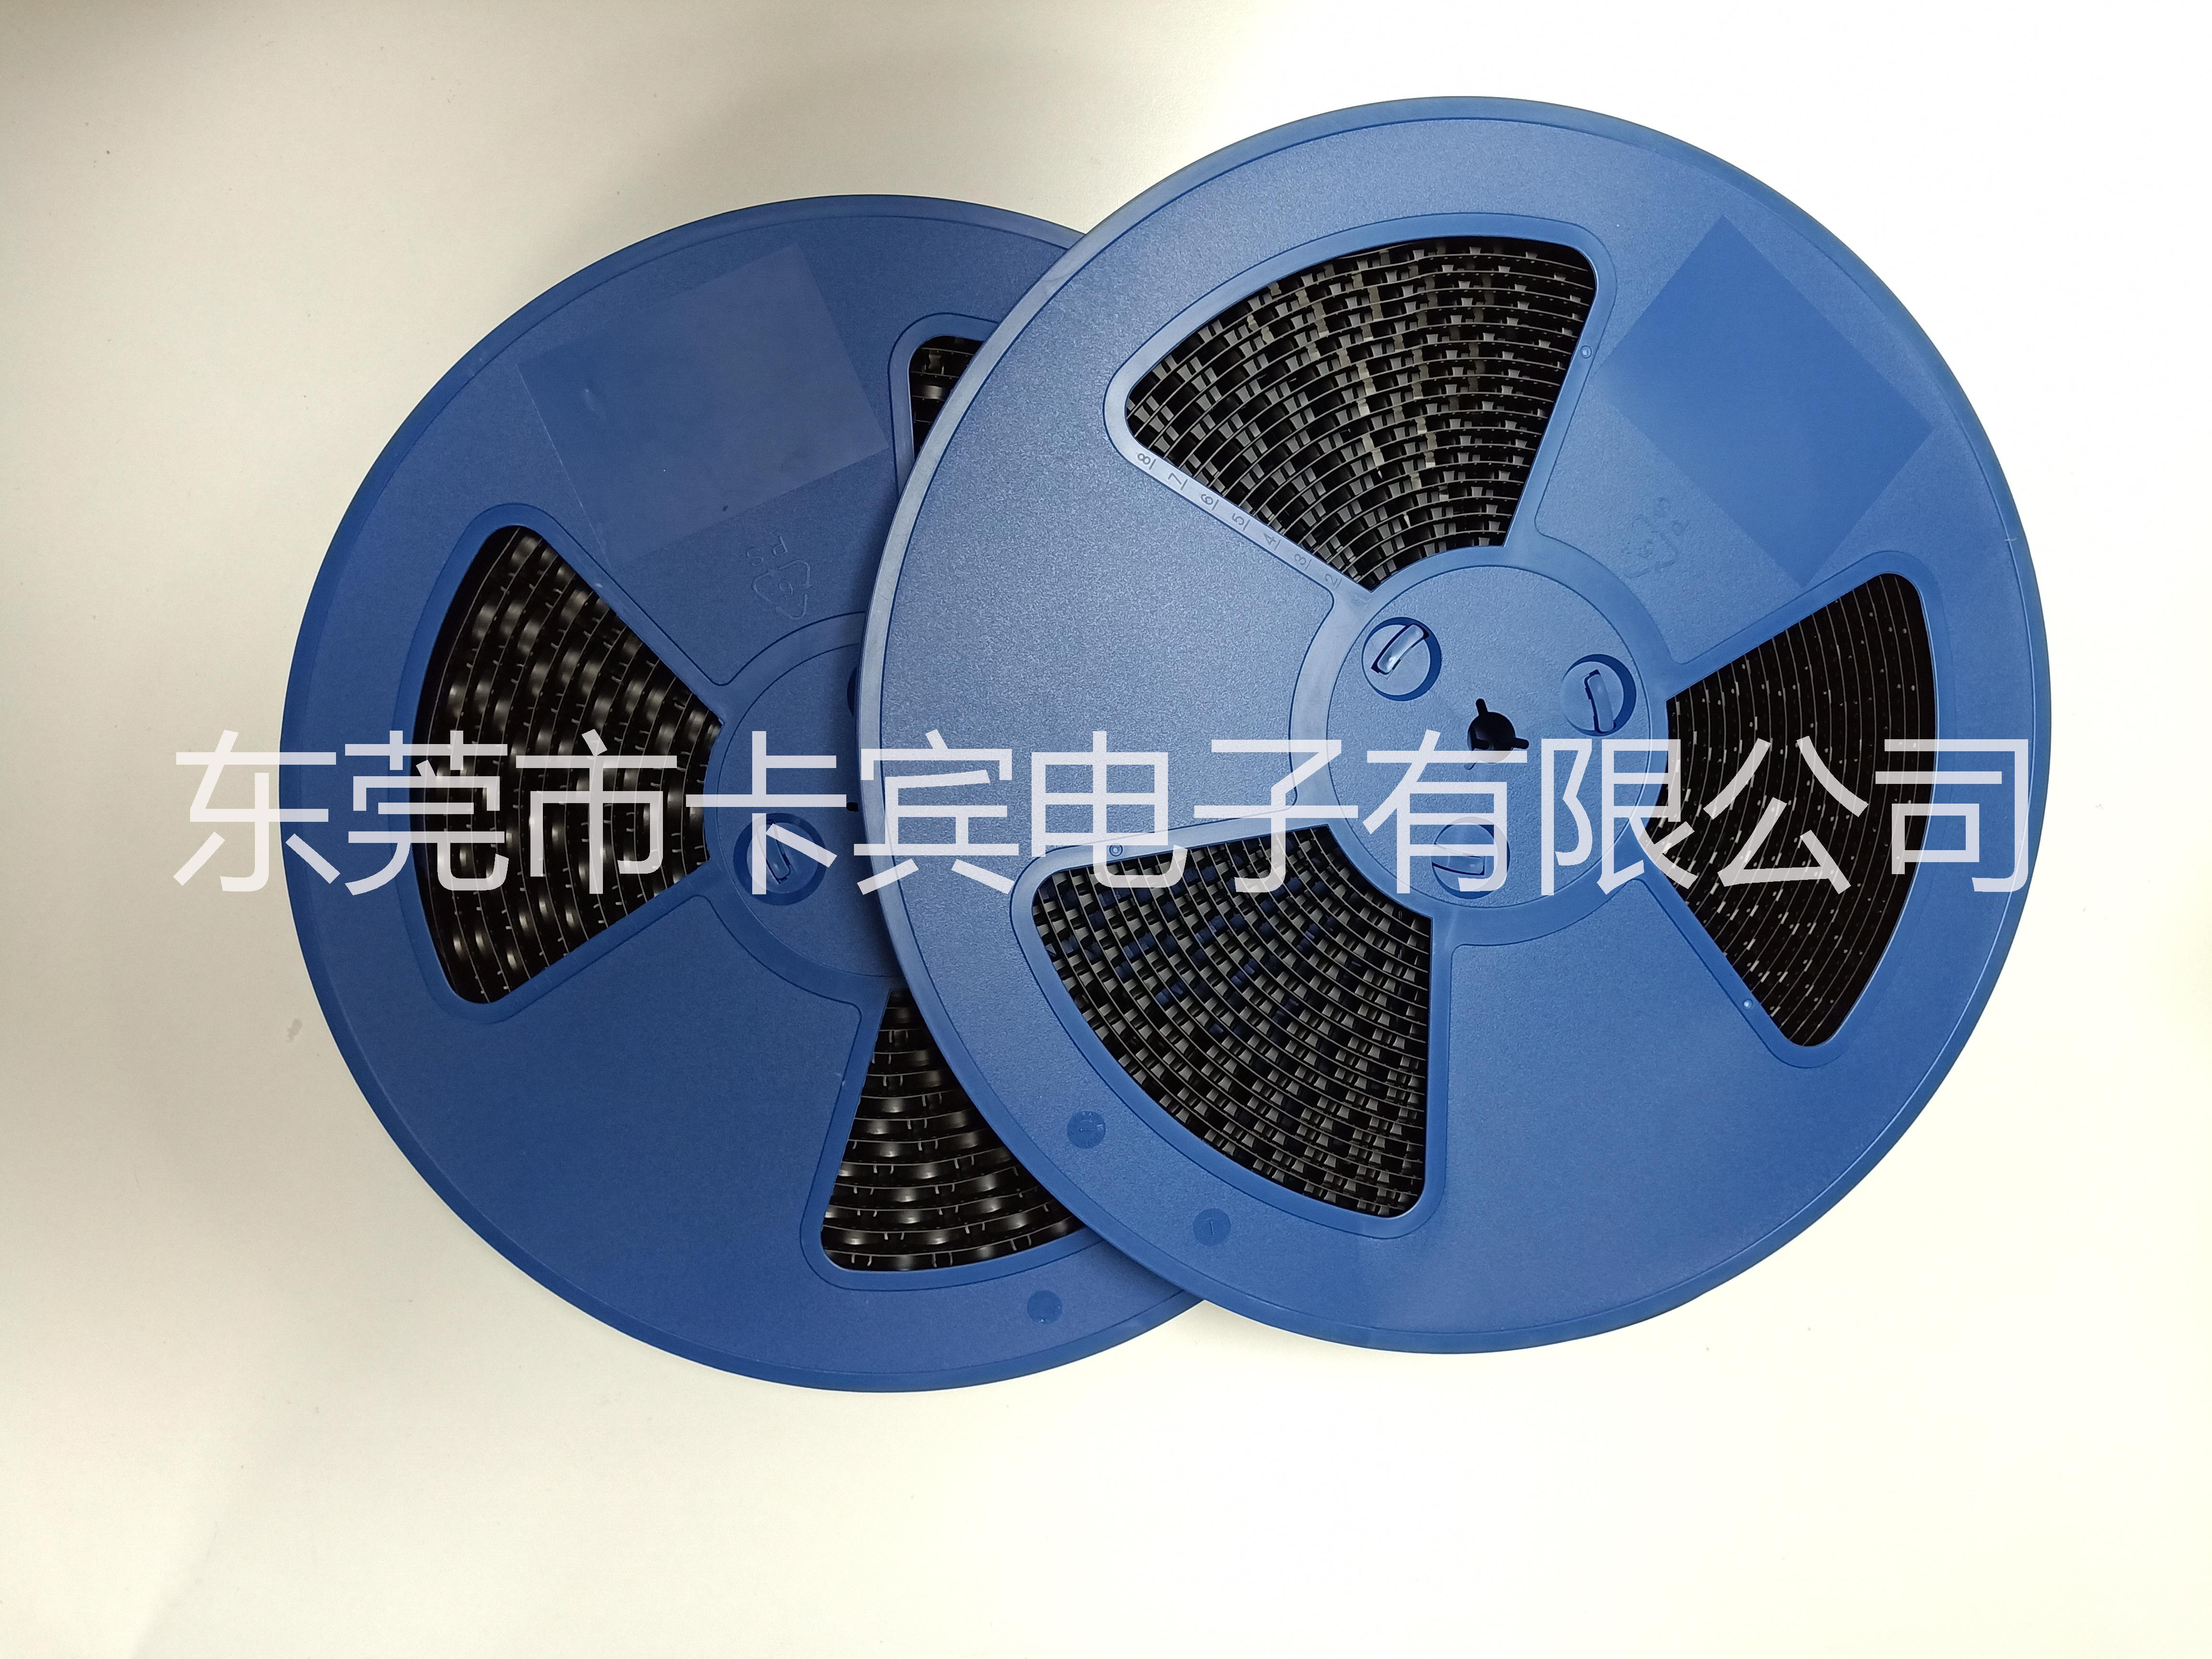 卡宾蜂鸣器的优势 卡宾 有源蜂鸣器